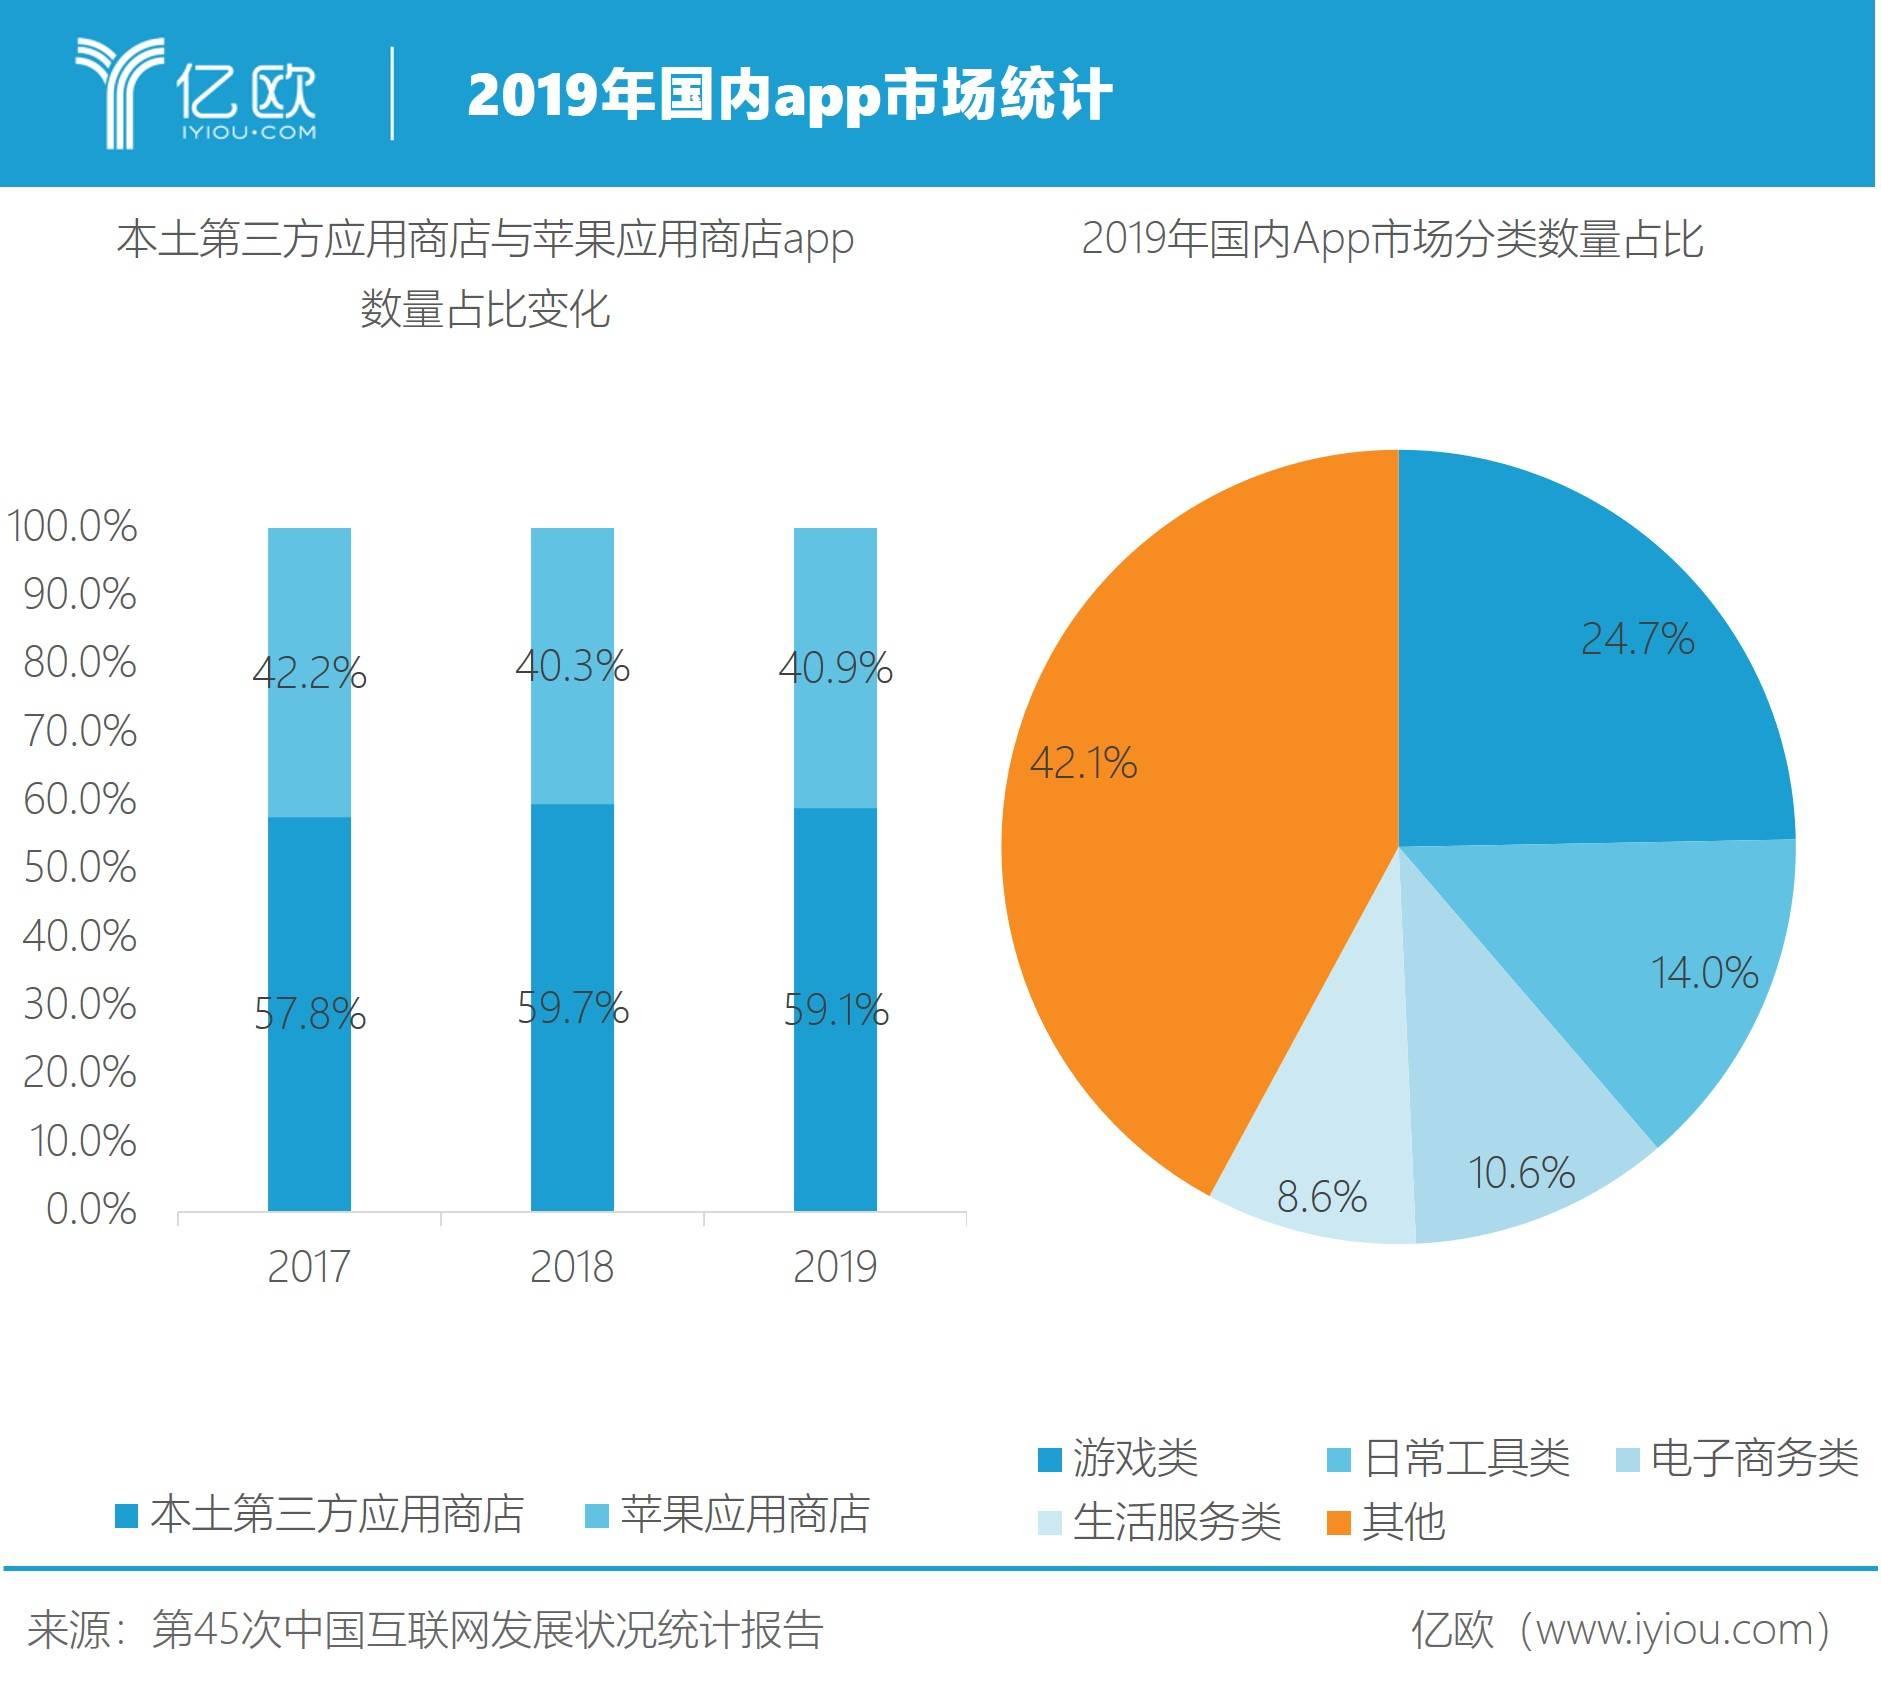 2019年国内app市场统计